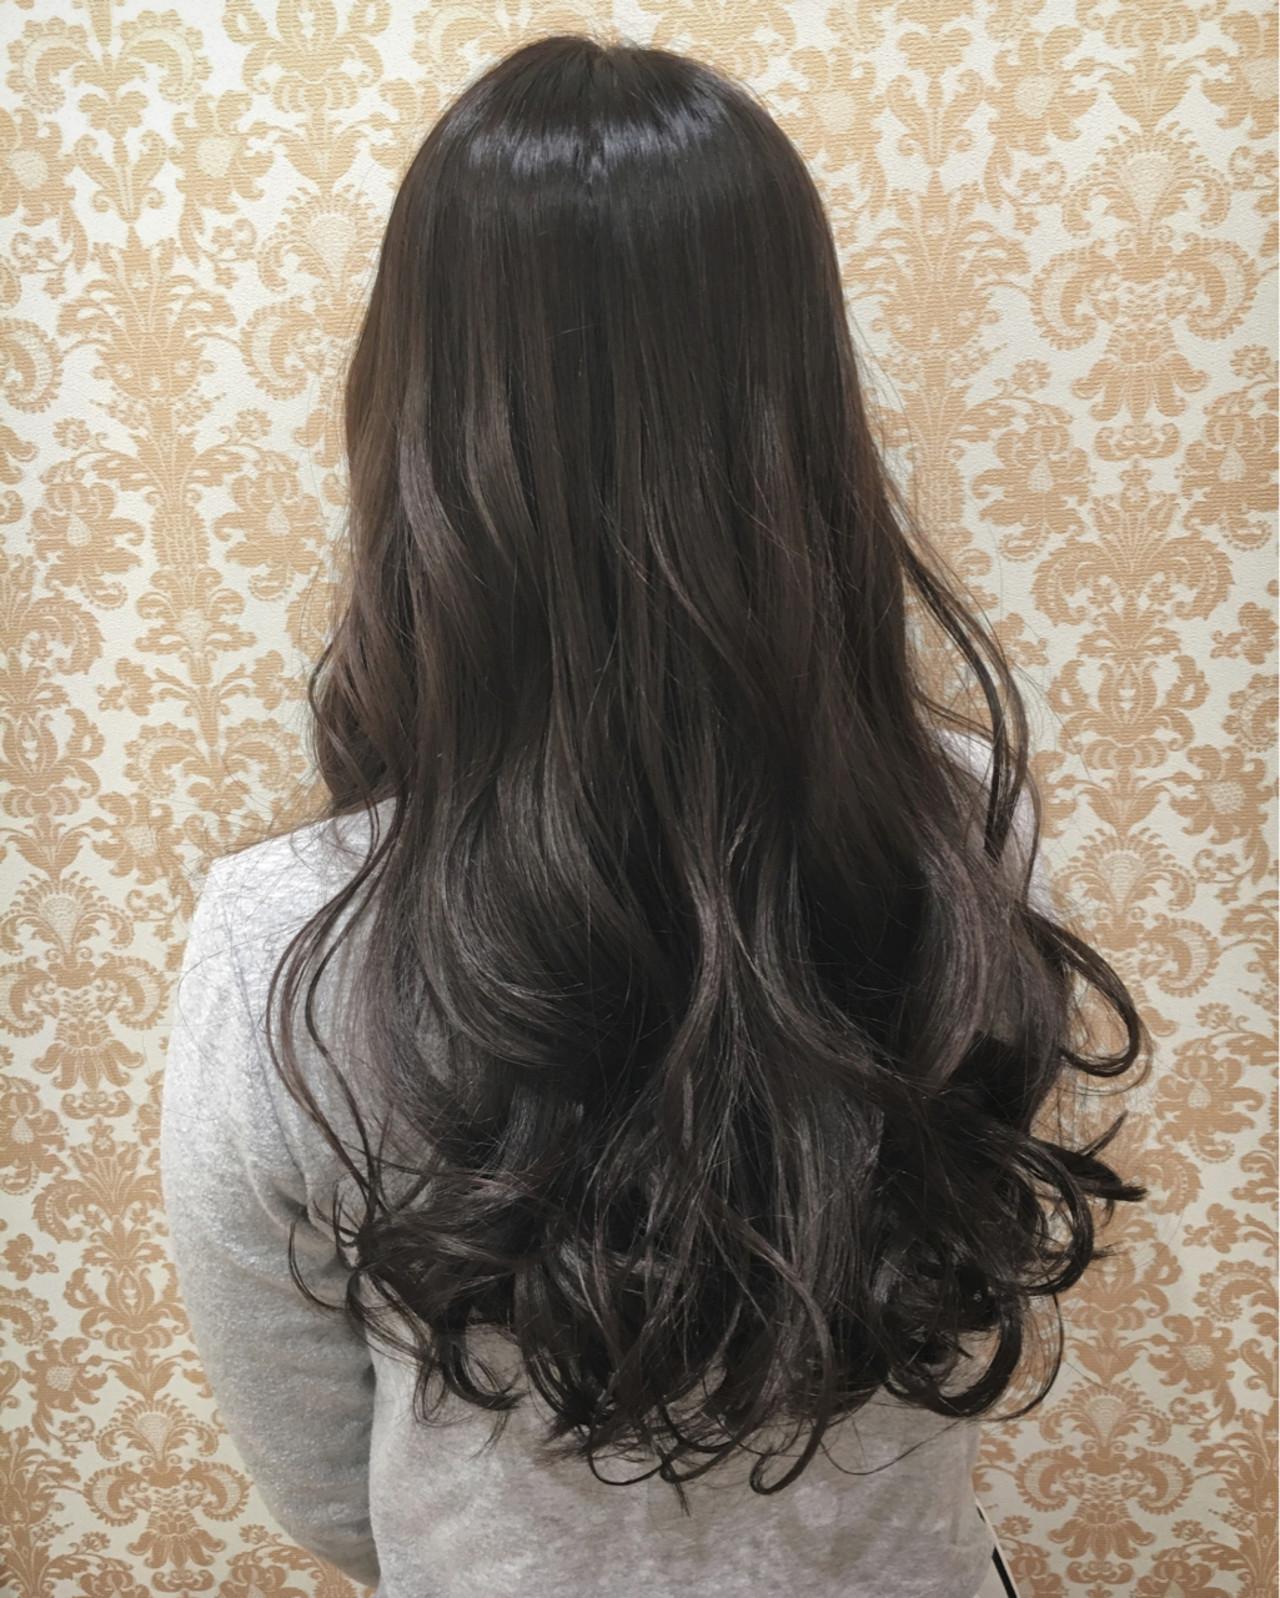 フェミニン 外国人風 グラデーションカラー グレーアッシュ ヘアスタイルや髪型の写真・画像